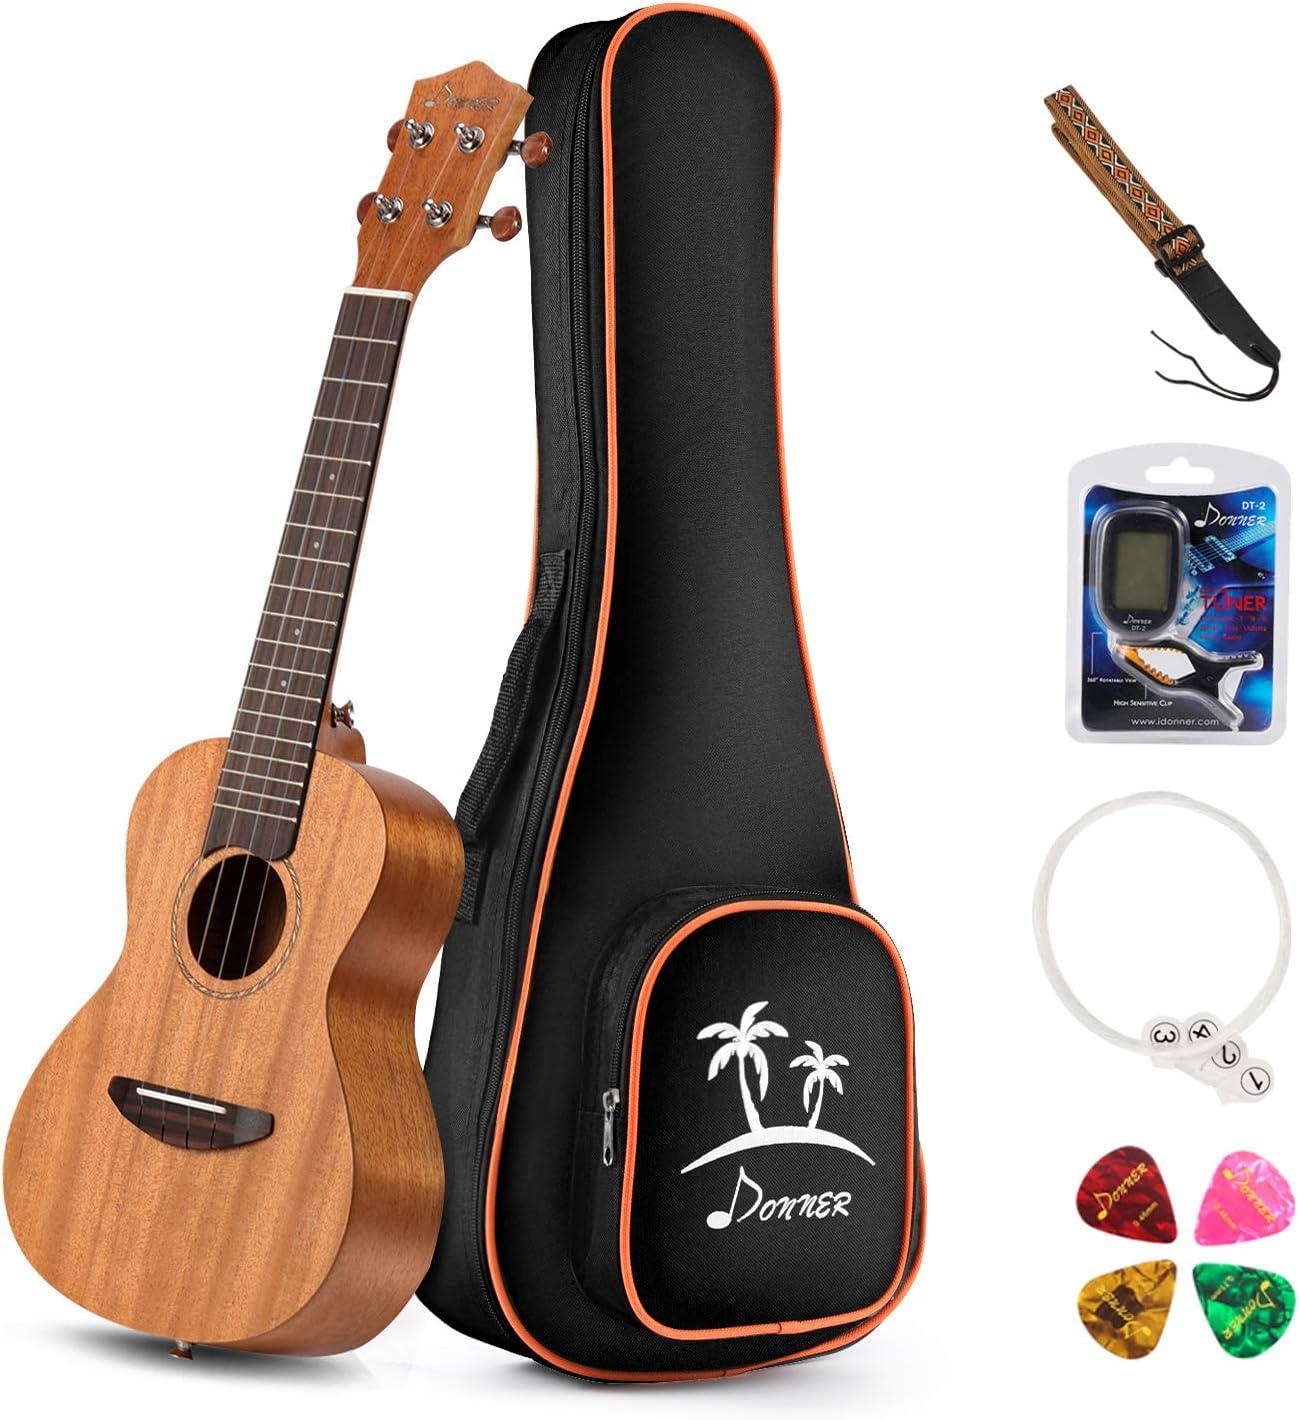 Donner Concert Ukulele 23 Inch Mahogany Ukelele Starter Kit With Gig Bag Strap Nylon String Tuner Picks DUC-1